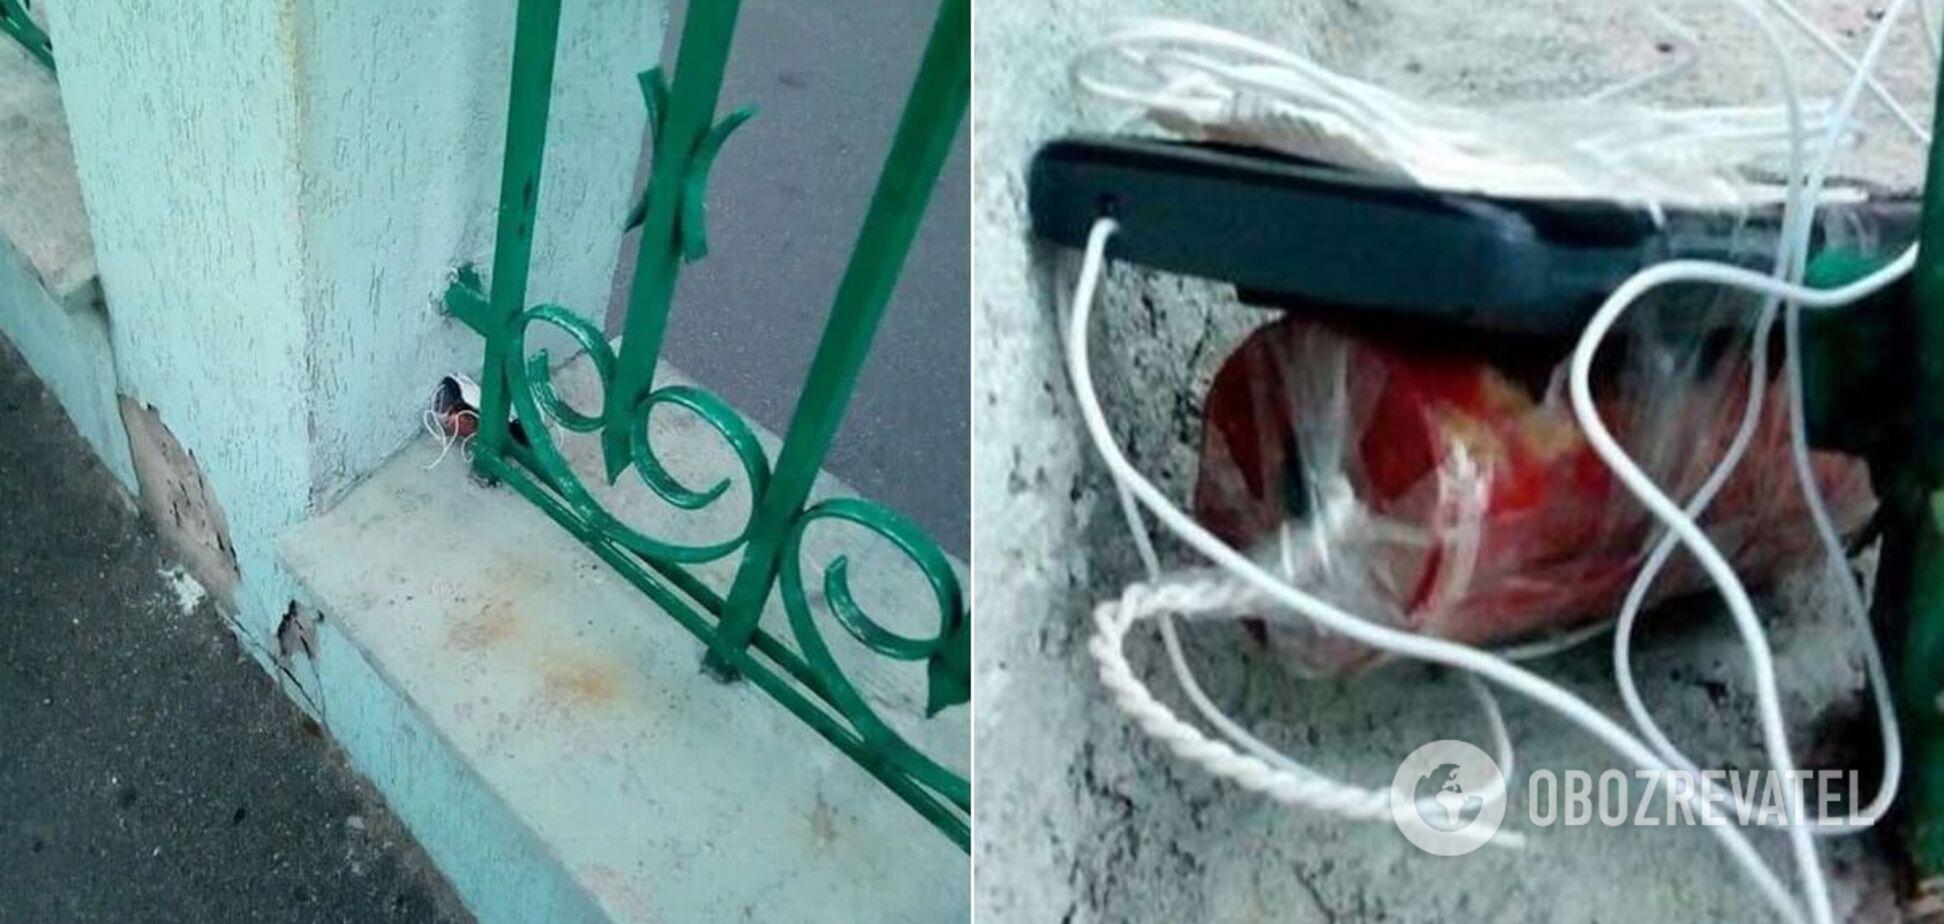 Силовики затримали можливих мінерів офісу в Києві